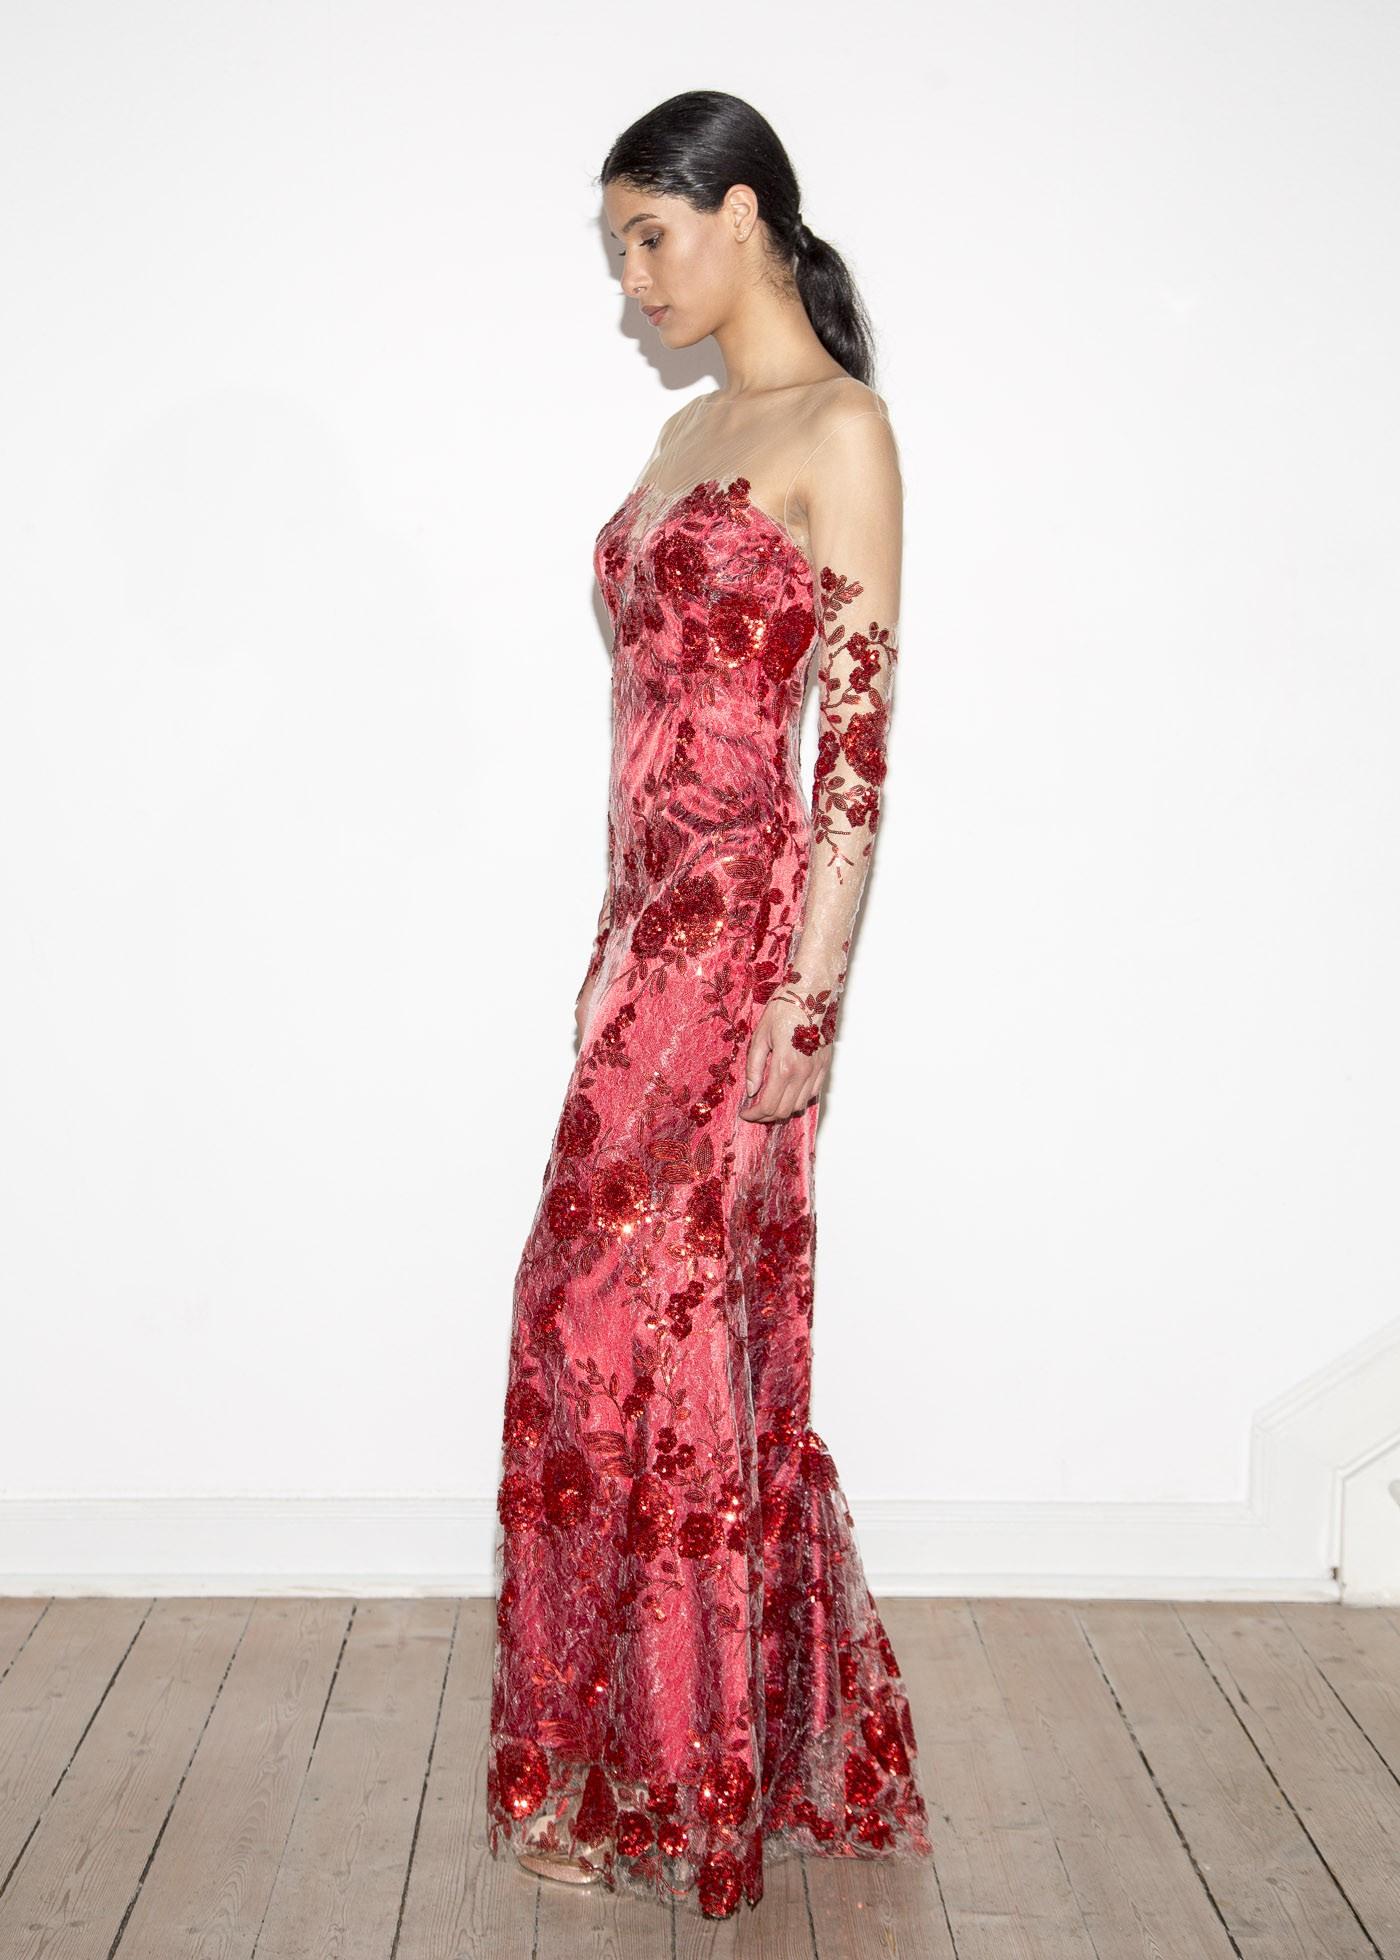 Luxurius Abendkleid Tattoo Spitze Spezialgebiet - Abendkleid